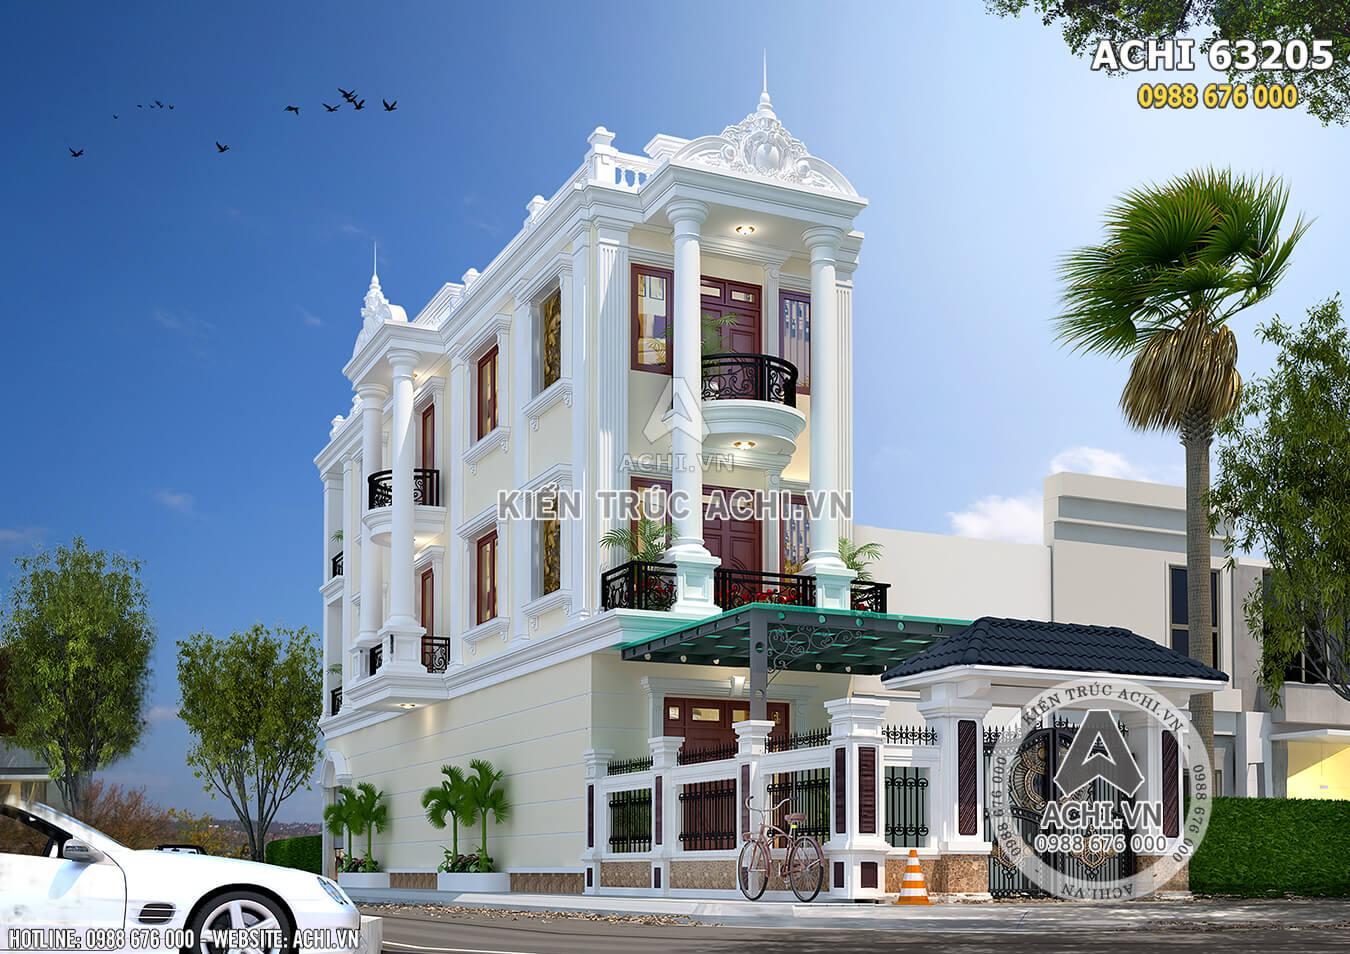 Mẫu thiết kế nhà phố tân cổ điển 3 tầng đẹp tại Thái Bình - ACHI 63205